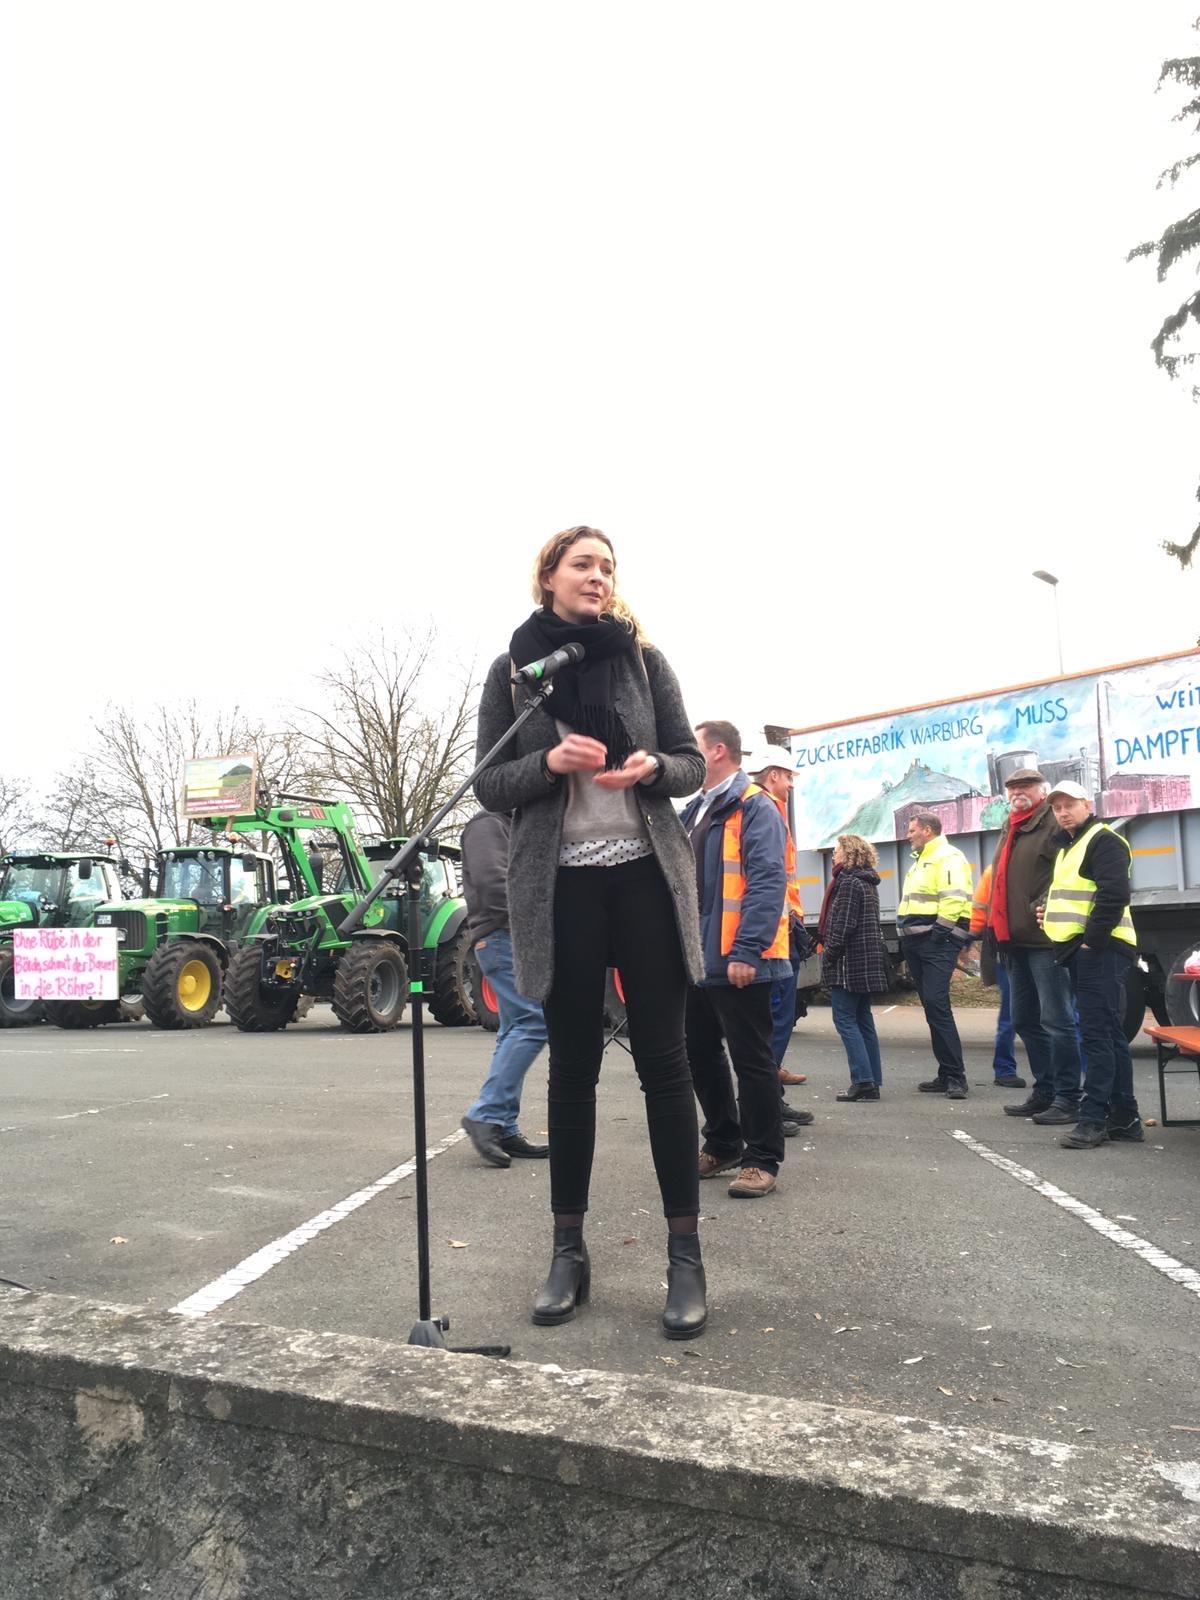 Streik gegen die Schließung der Warburger Zuckerfabrik